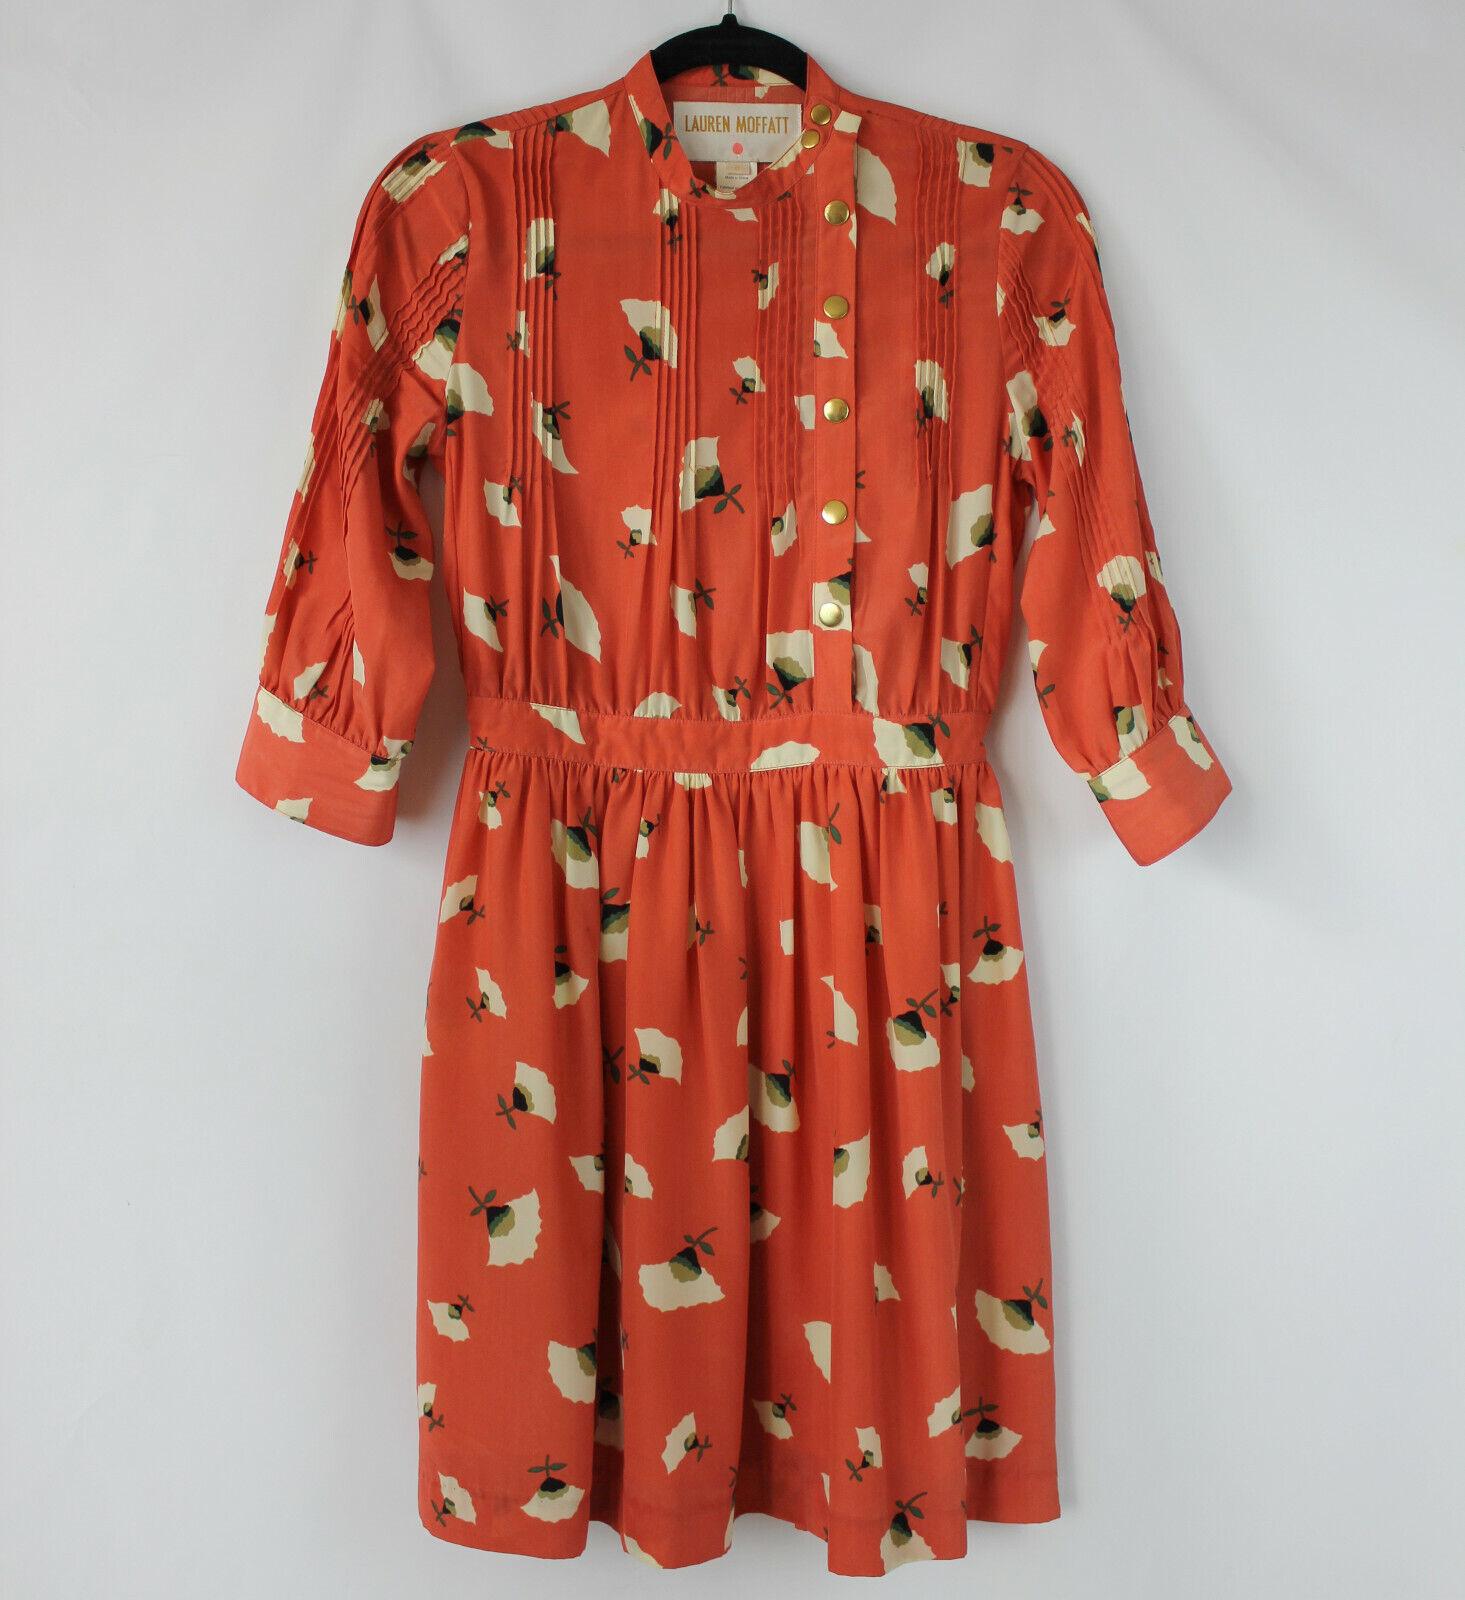 Anthropologie Lauren Moffatt Rare Poppy Field Dress Größe 0